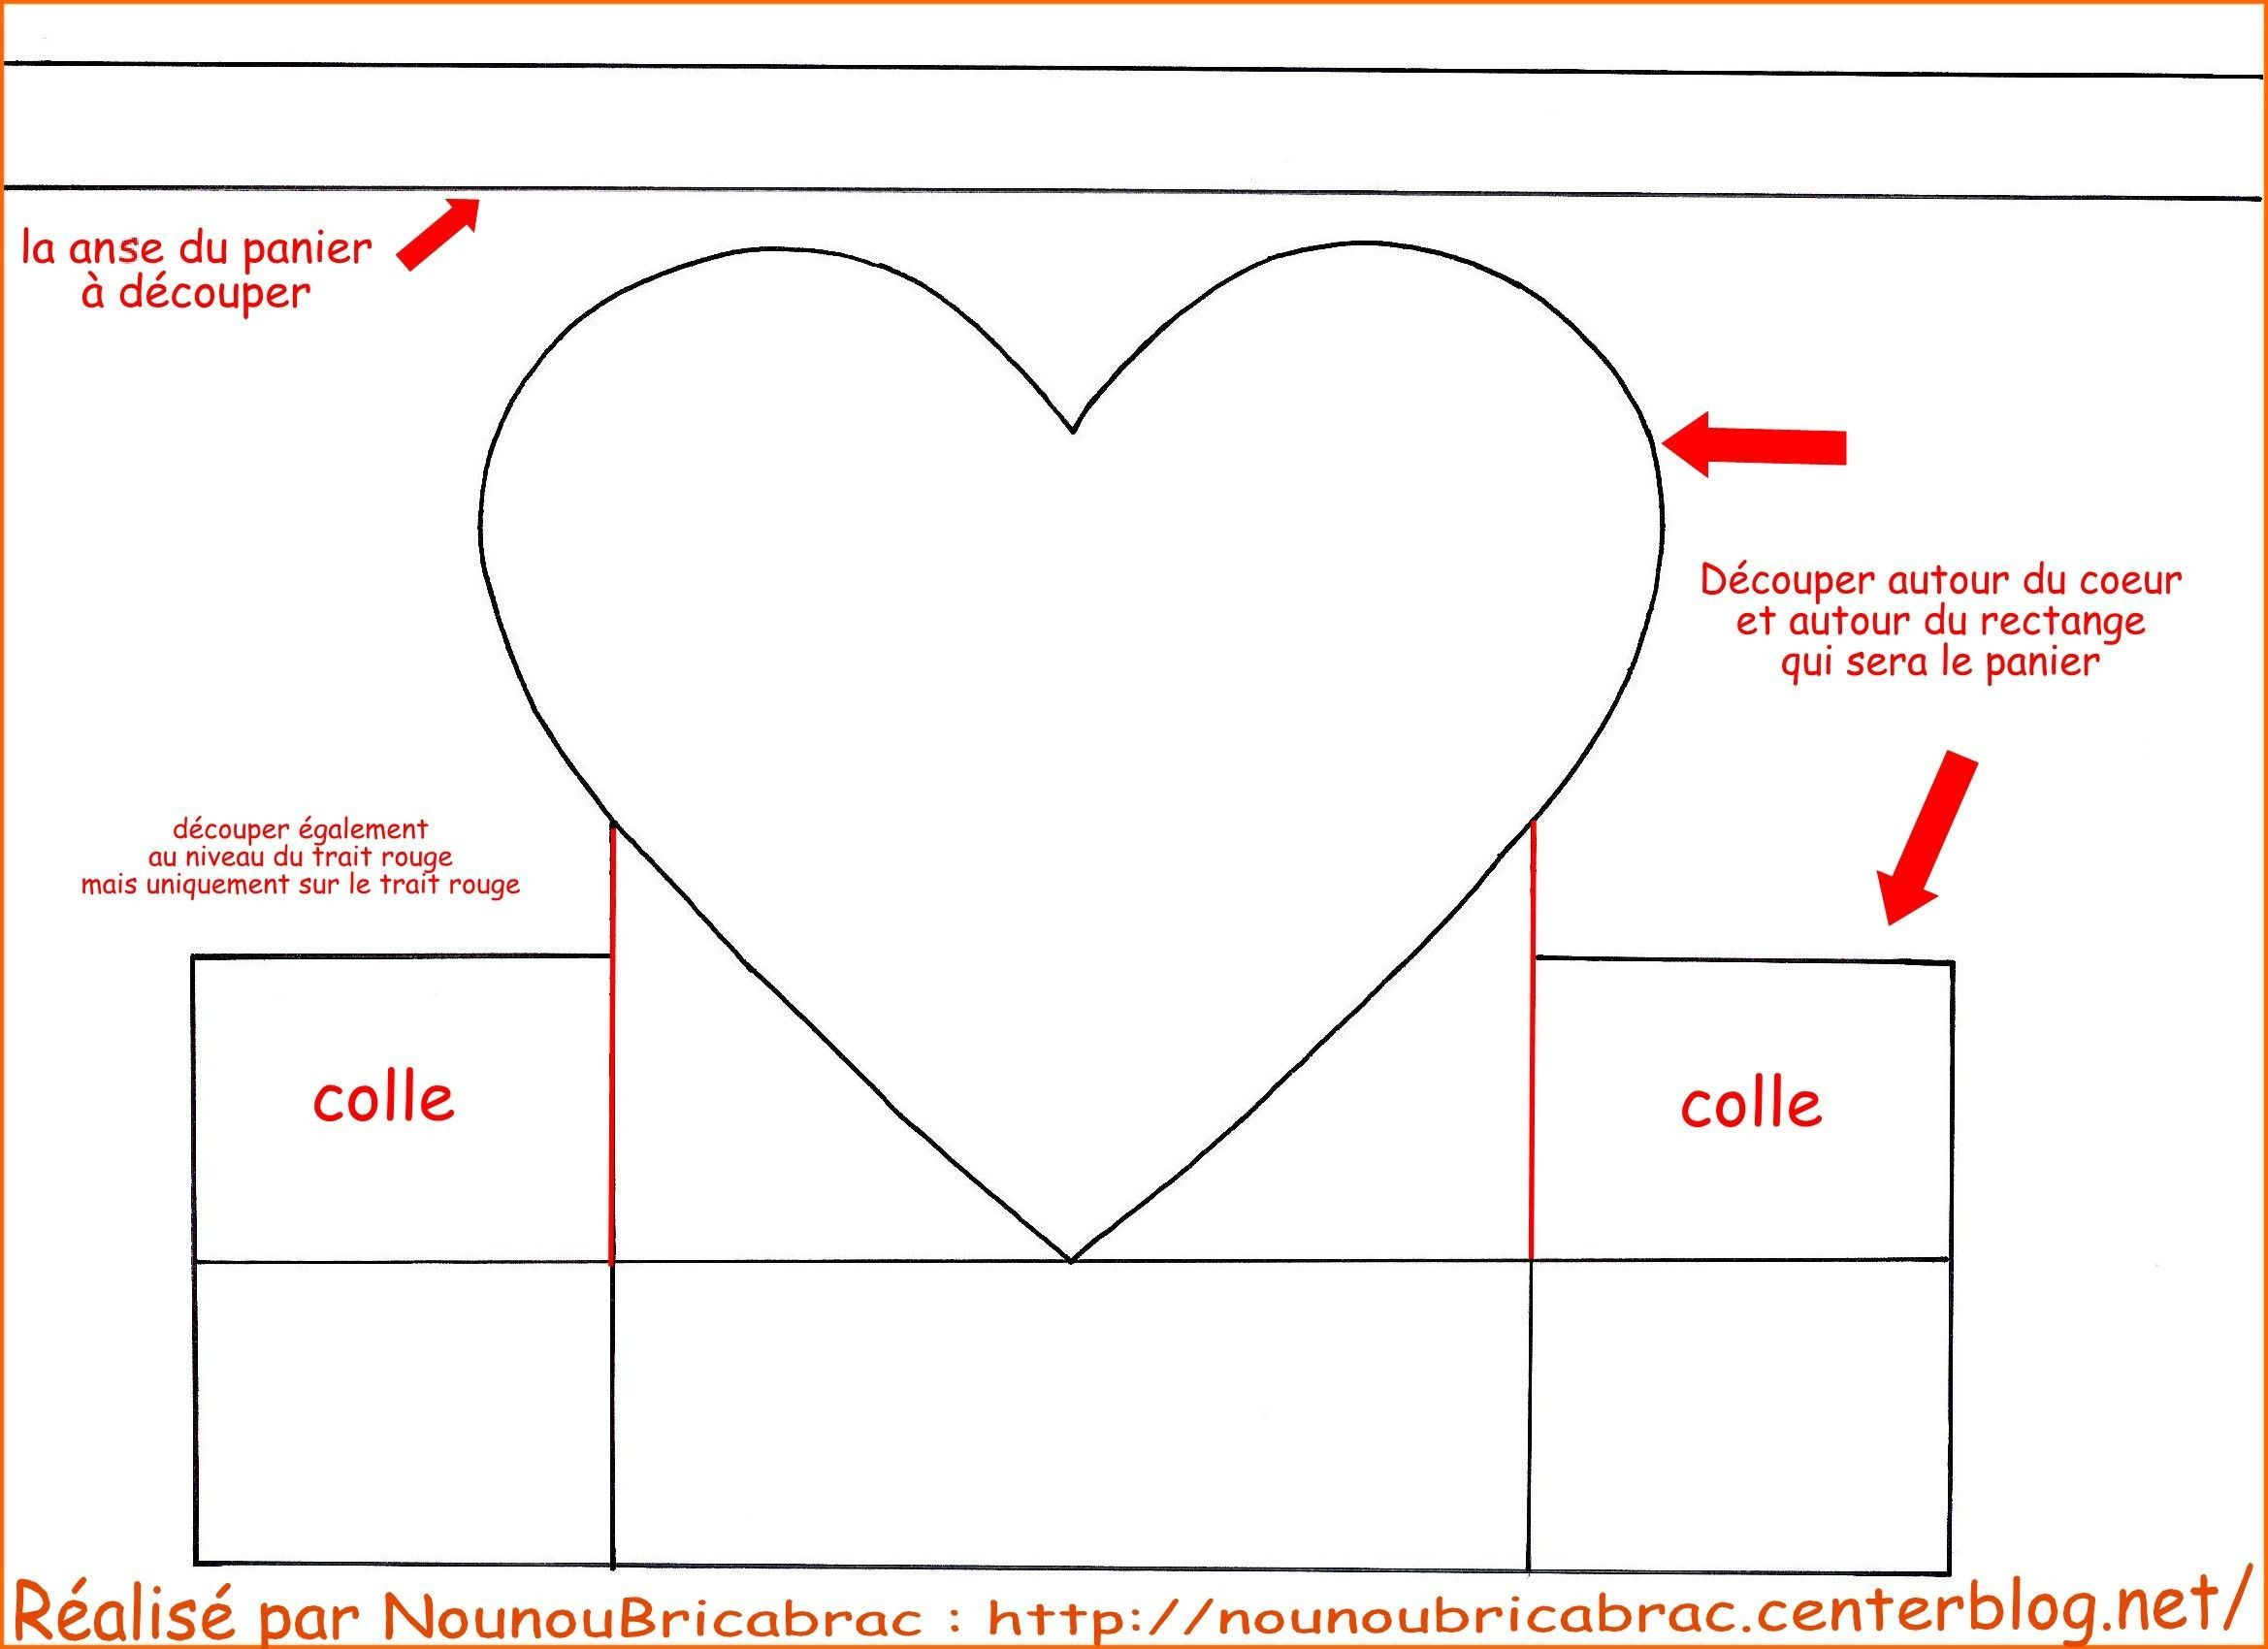 Panier en forme de coeur gabarit 1 avec la anse - Modele de coeur a decouper ...